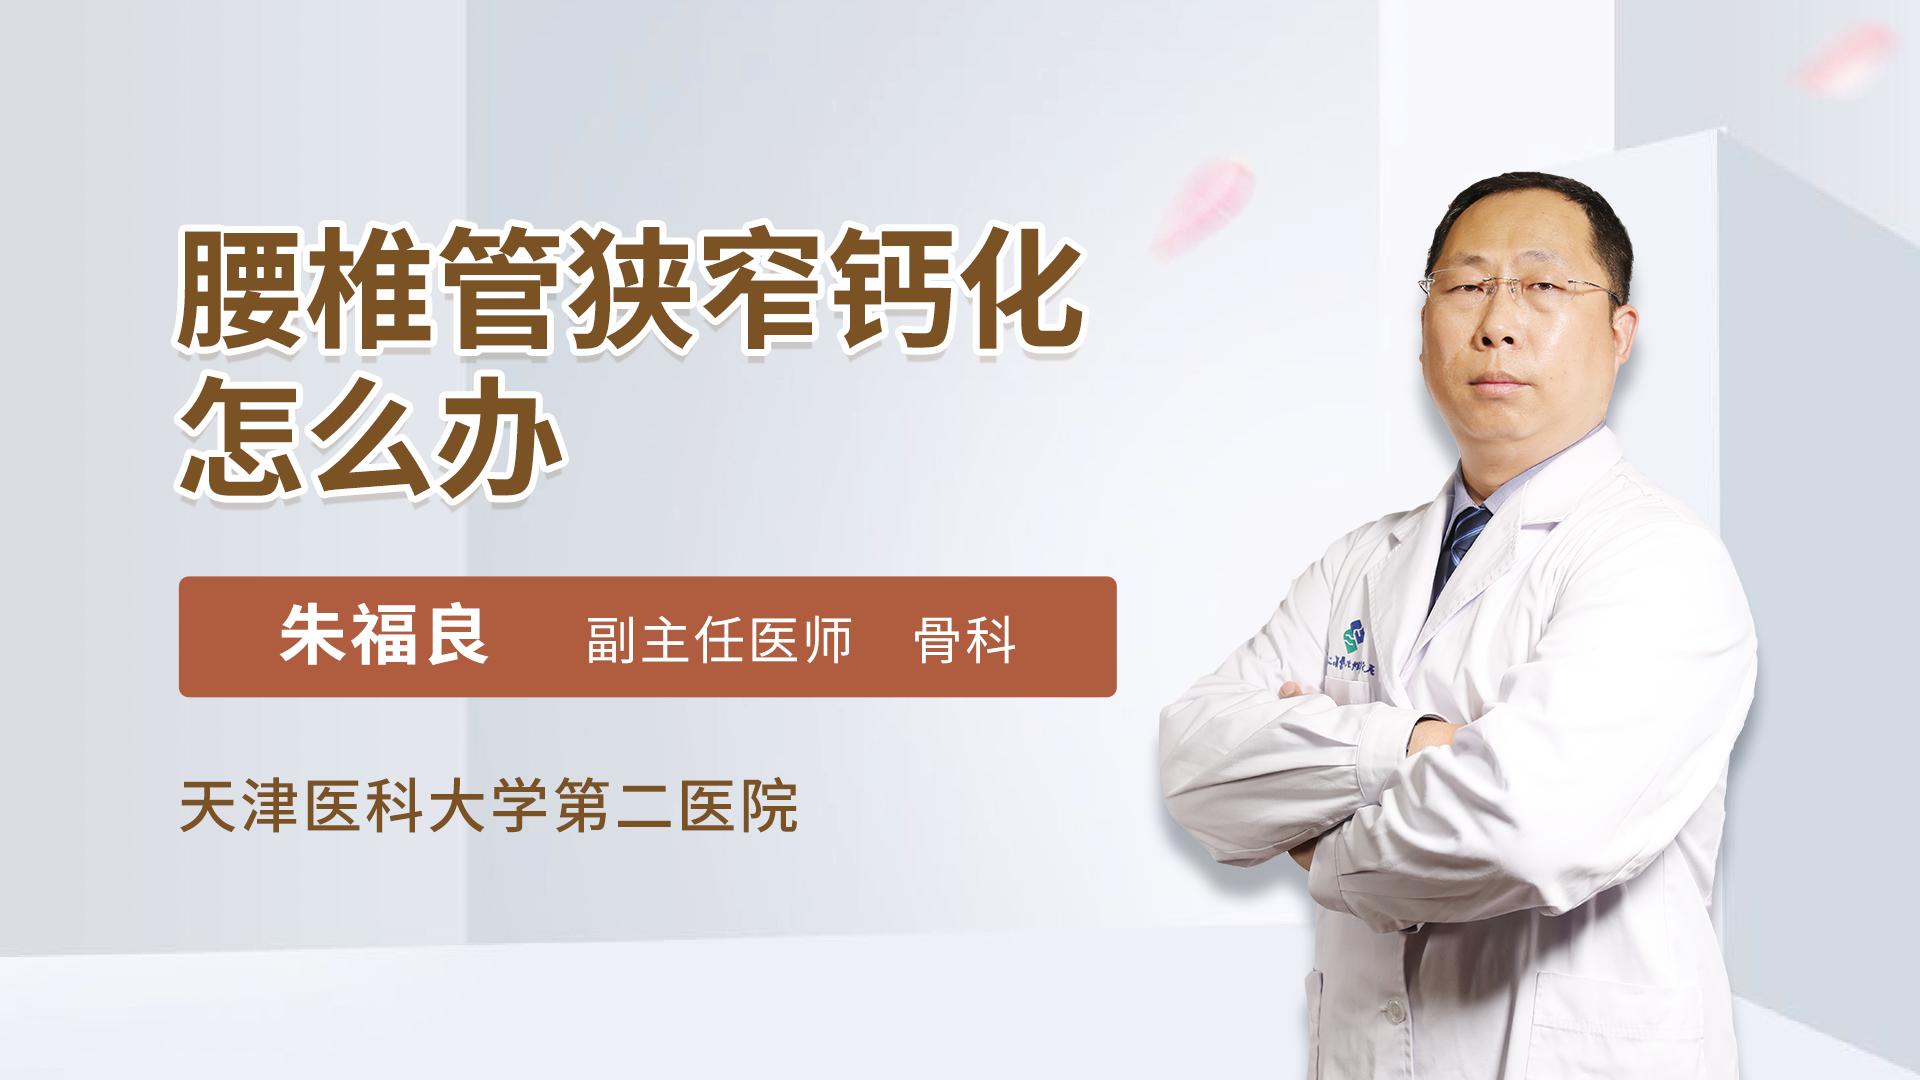 腰椎管狭窄钙化怎么办